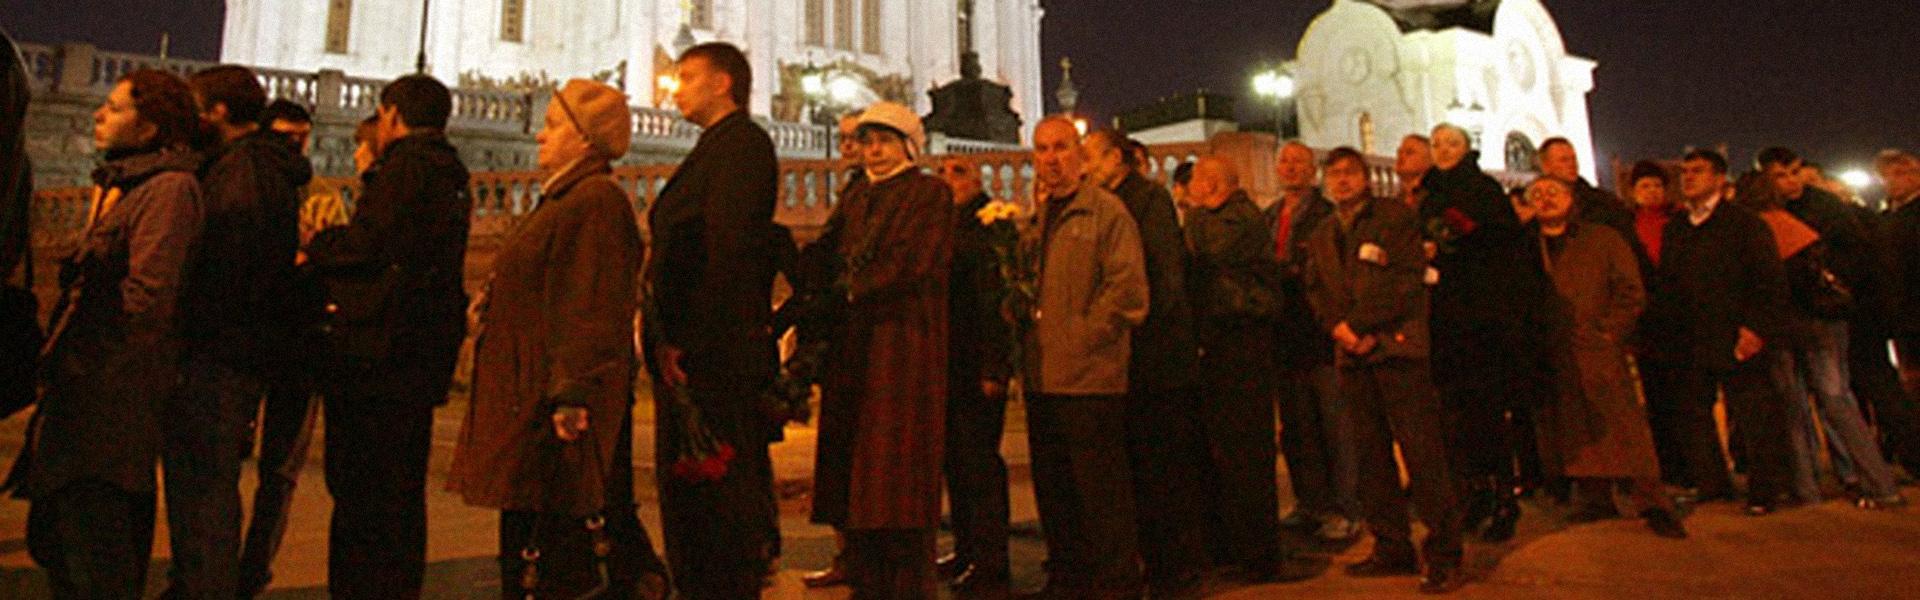 Десять лет без Ельцина: Президент-Освободитель